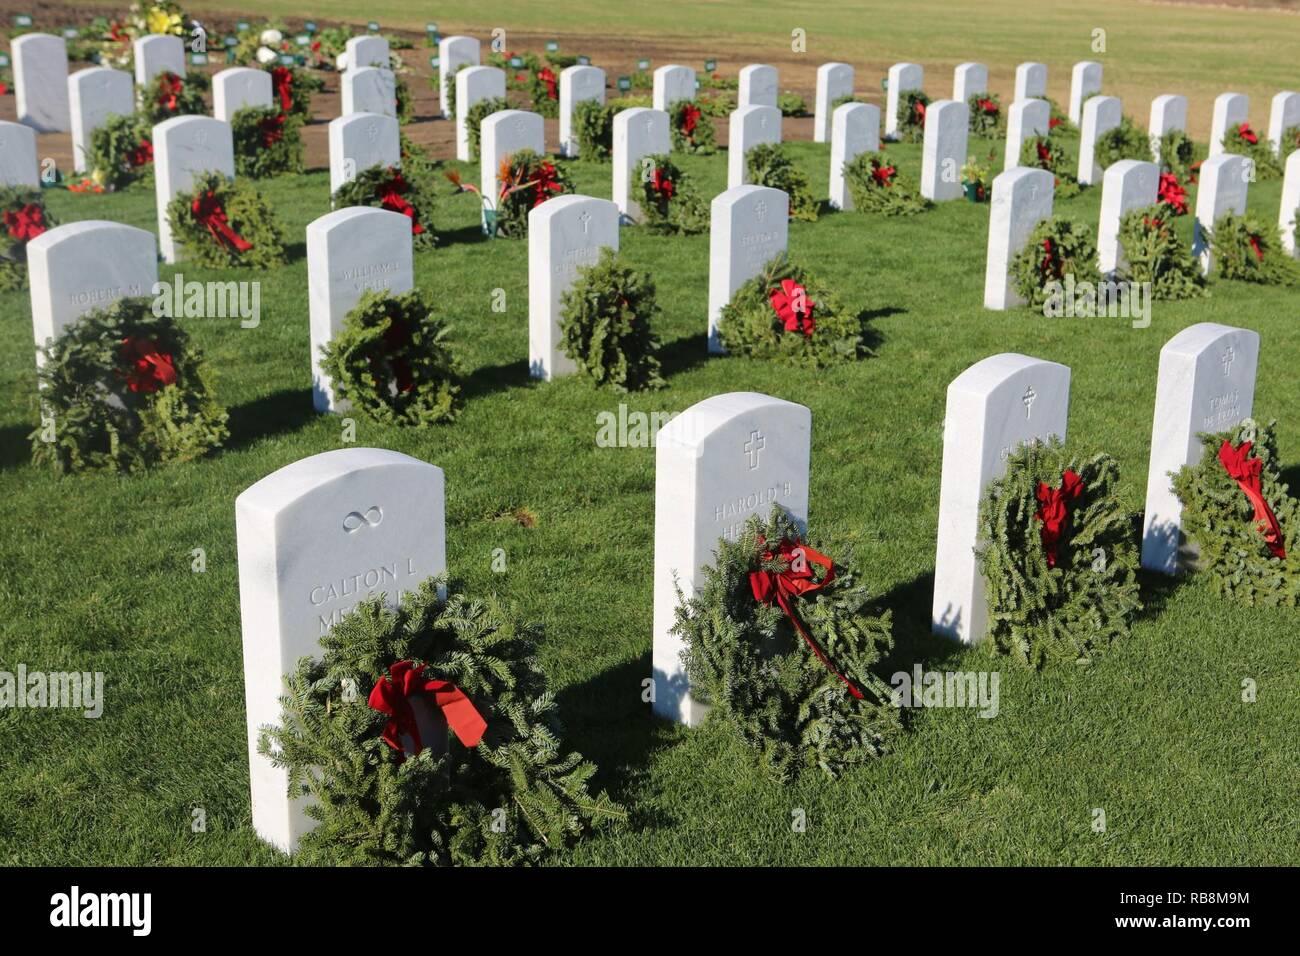 Kränze lag zu den Grundsteinen der Service Mitglieder nach einem Kränze Aross Amerika Zeremonie im Miramar National Cemetery, San Diego, Calif., Dez. 17. Durch Kränze in Amerika, mehr als 1,2 Millionen Kränze wurden in 1.228 Friedhöfe über dem Land. Die Mission der Kränze in ganz Amerika ist unsere gefallenen US-Soldaten, die Ehre wer dient und neue Generationen über den Wert der Freiheit lehren durch den Dienst und Opfer der Veteranen zu erinnern. Stockfoto